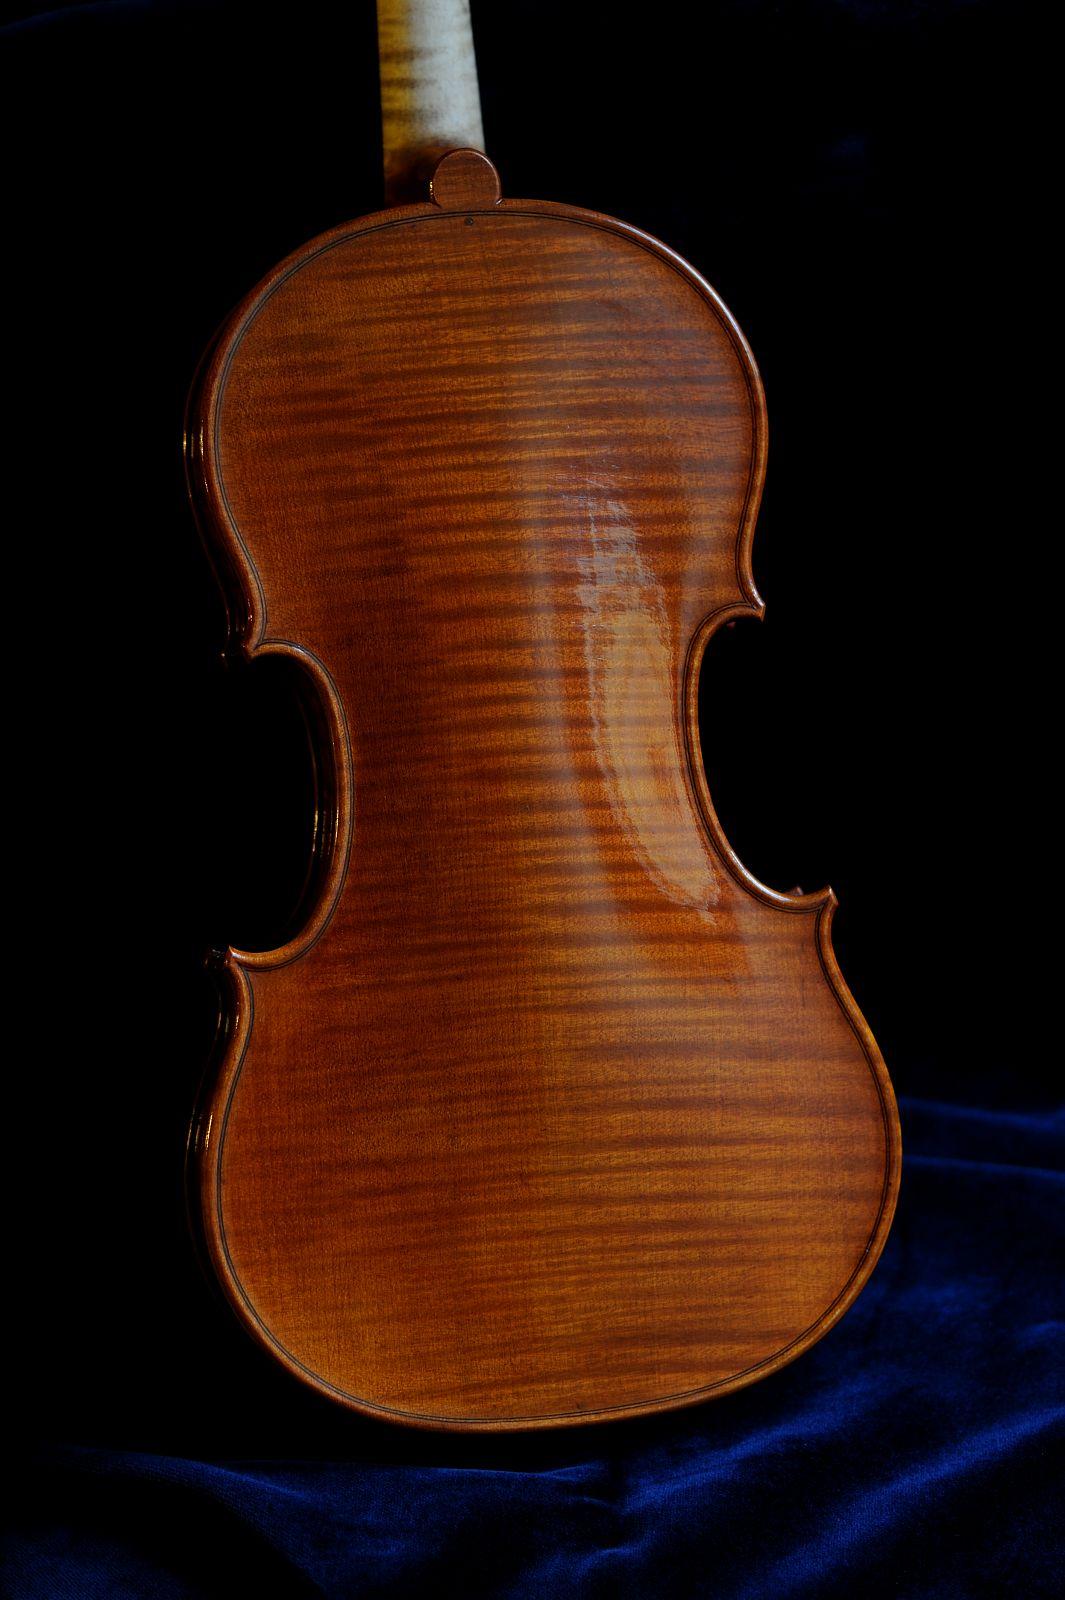 La tavolozza del liutaio i pigmenti nella vernice il - Immagini violino a colori ...